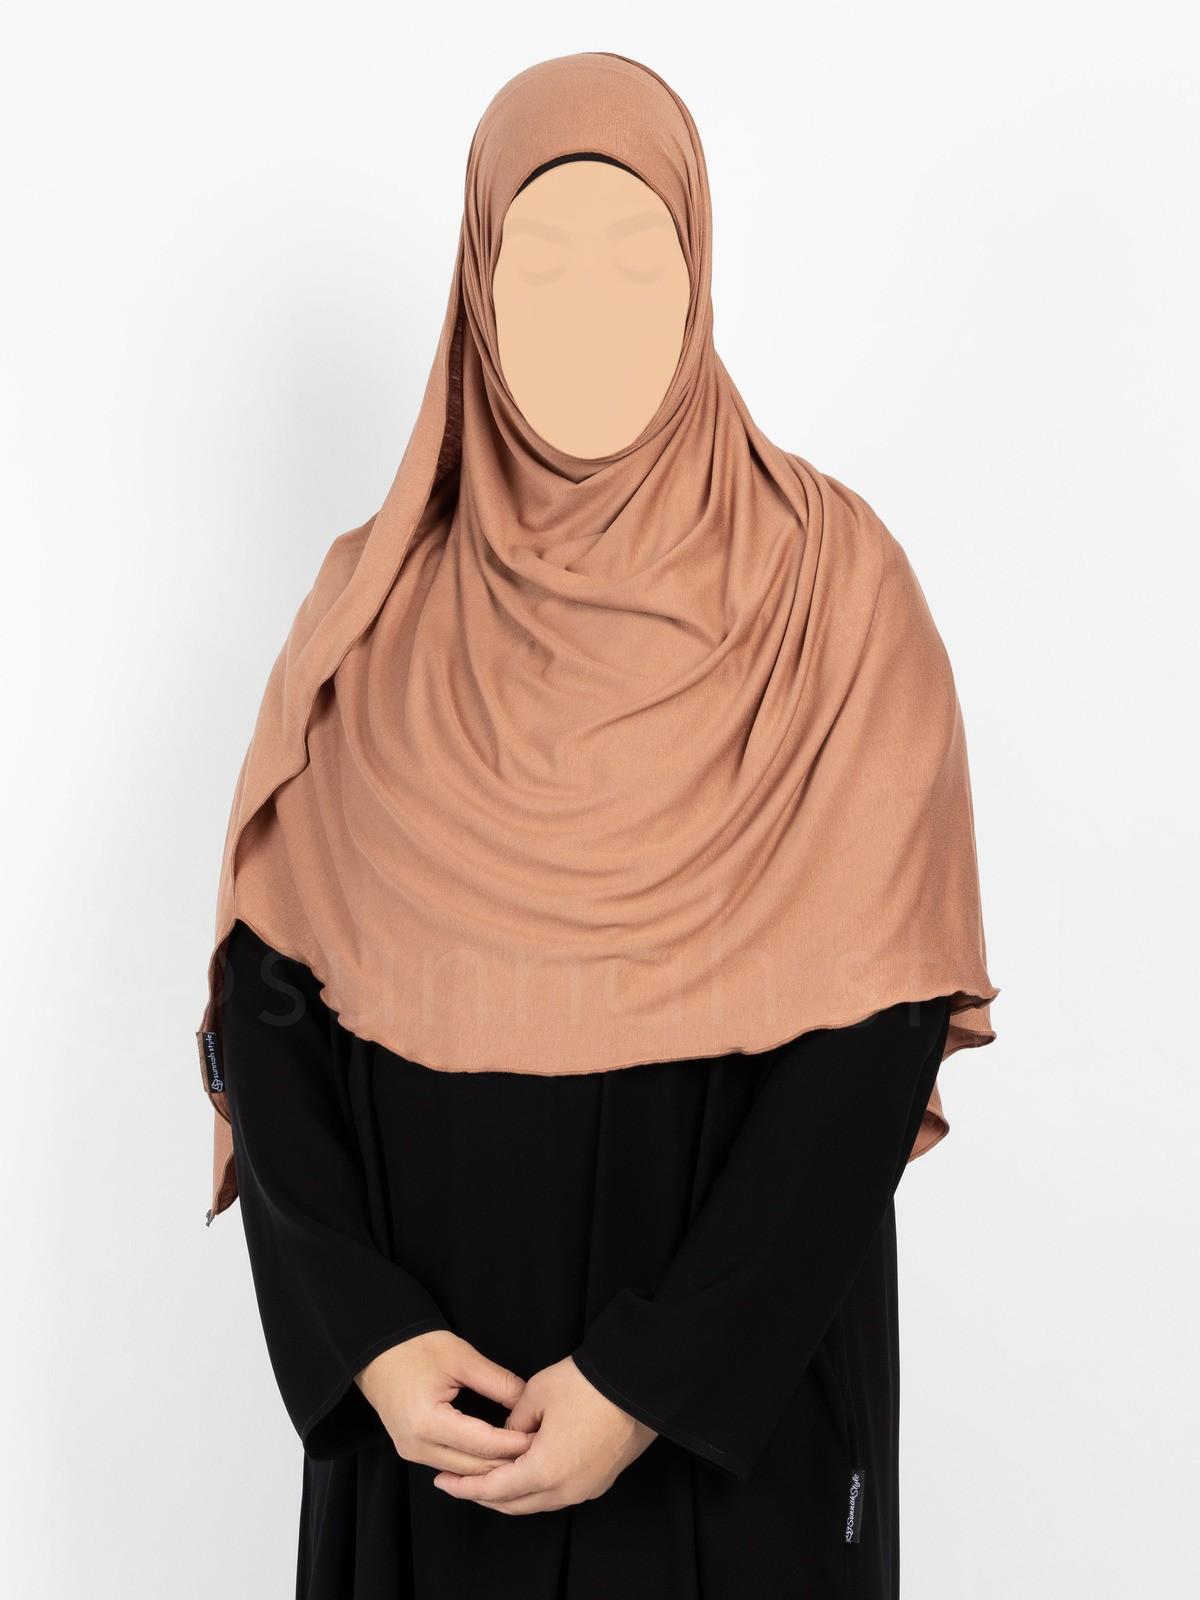 Sunnah Style Urban Shayla (Soft Jersey) - Large (Terracotta)